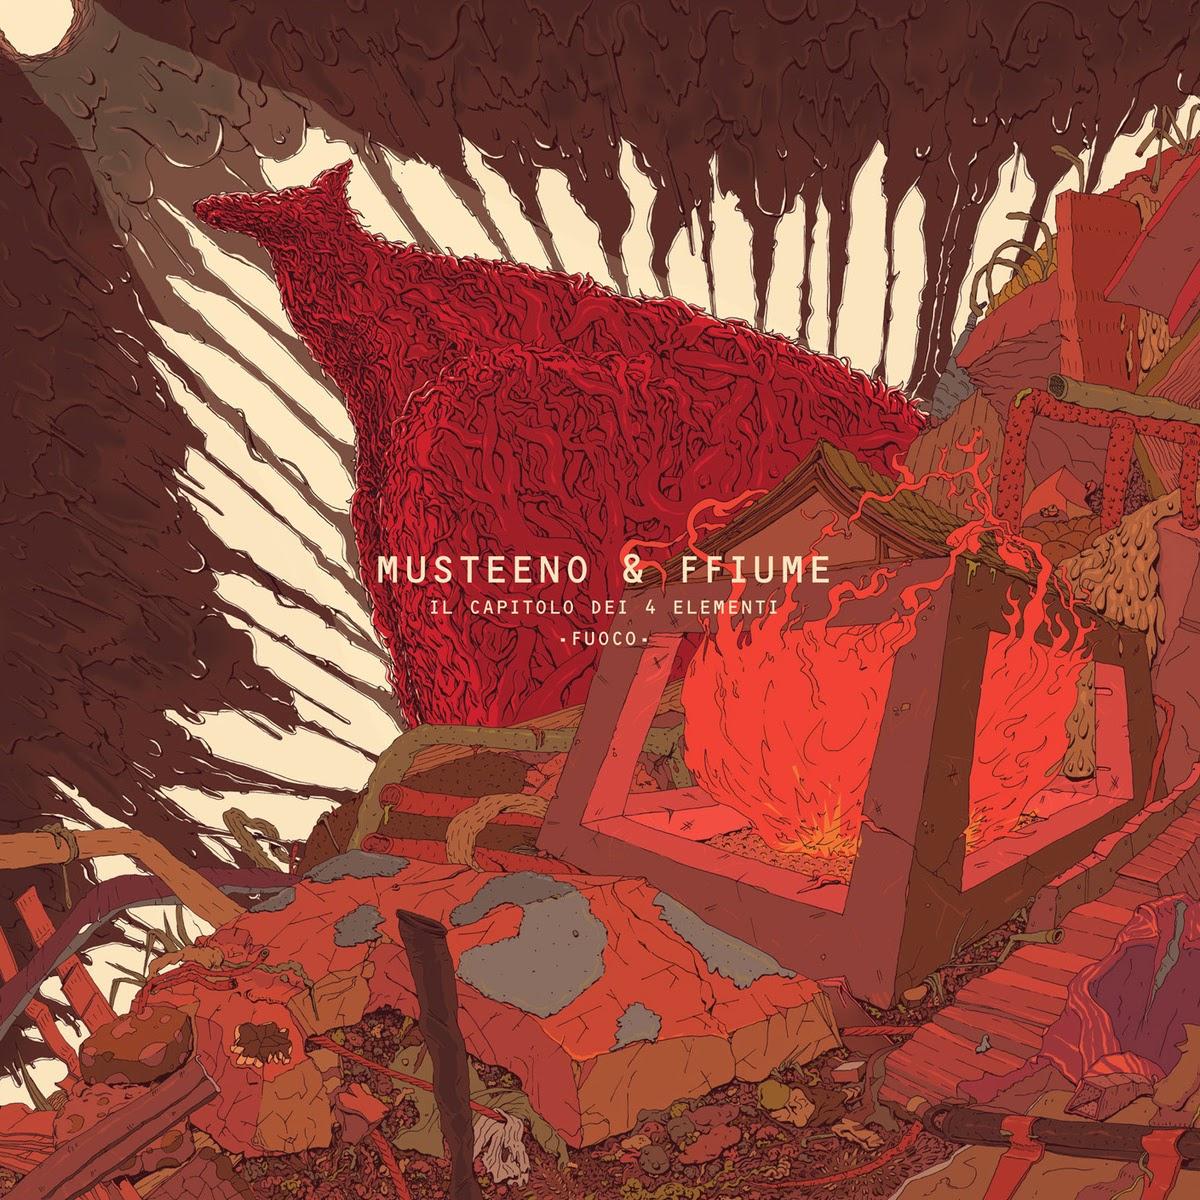 Musteeno & Ffiume – Il Capitolo Dei Quattro Elementi: Fuoco (Recensione)